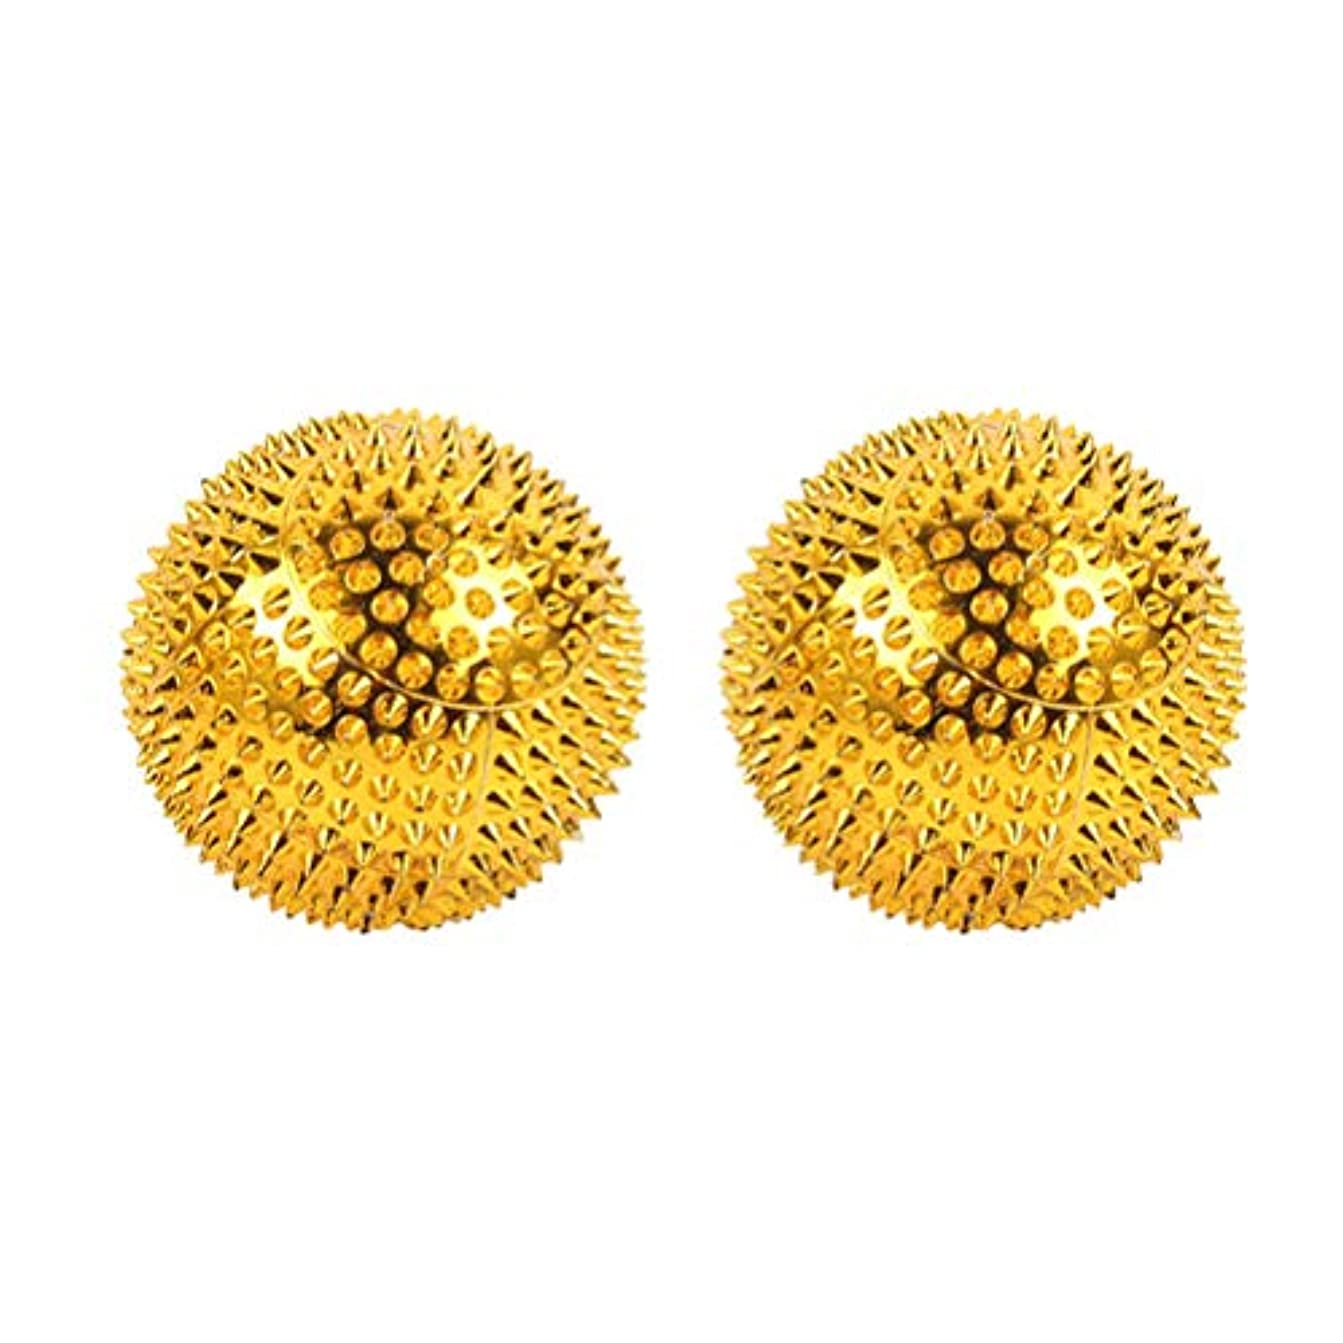 本部対抗ヤギHealifty ボディマッサージャーボール2本磁気ローリングマッサージボールとがった鍼灸ボール指圧マッサージ(ゴールデン)